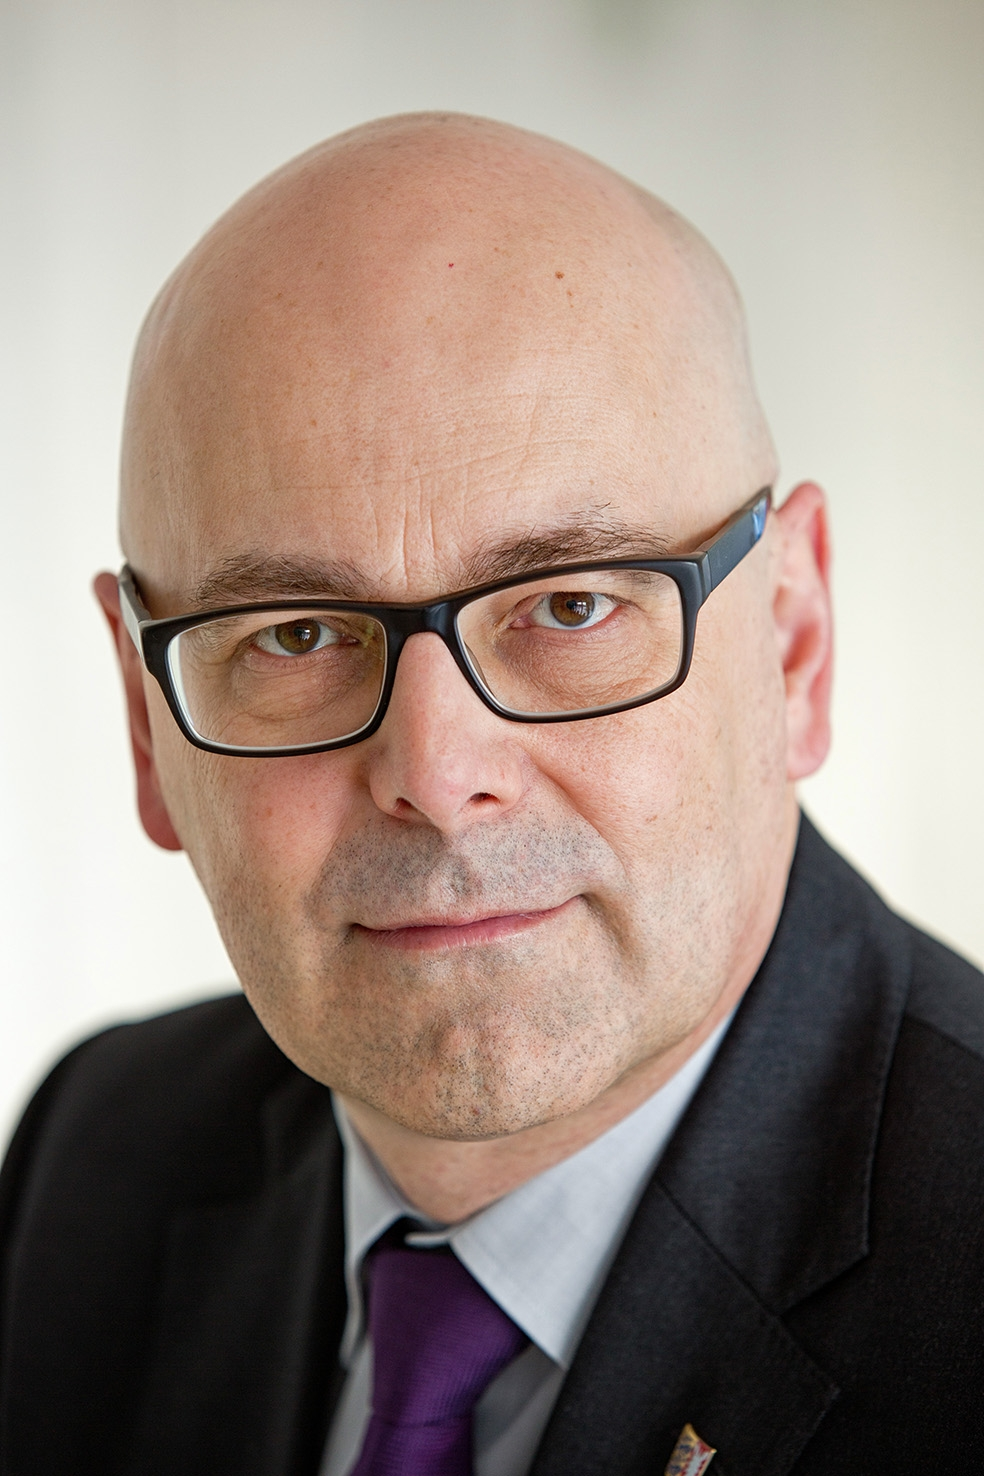 albig, ministerpräsident schleswig-holstein, 2012